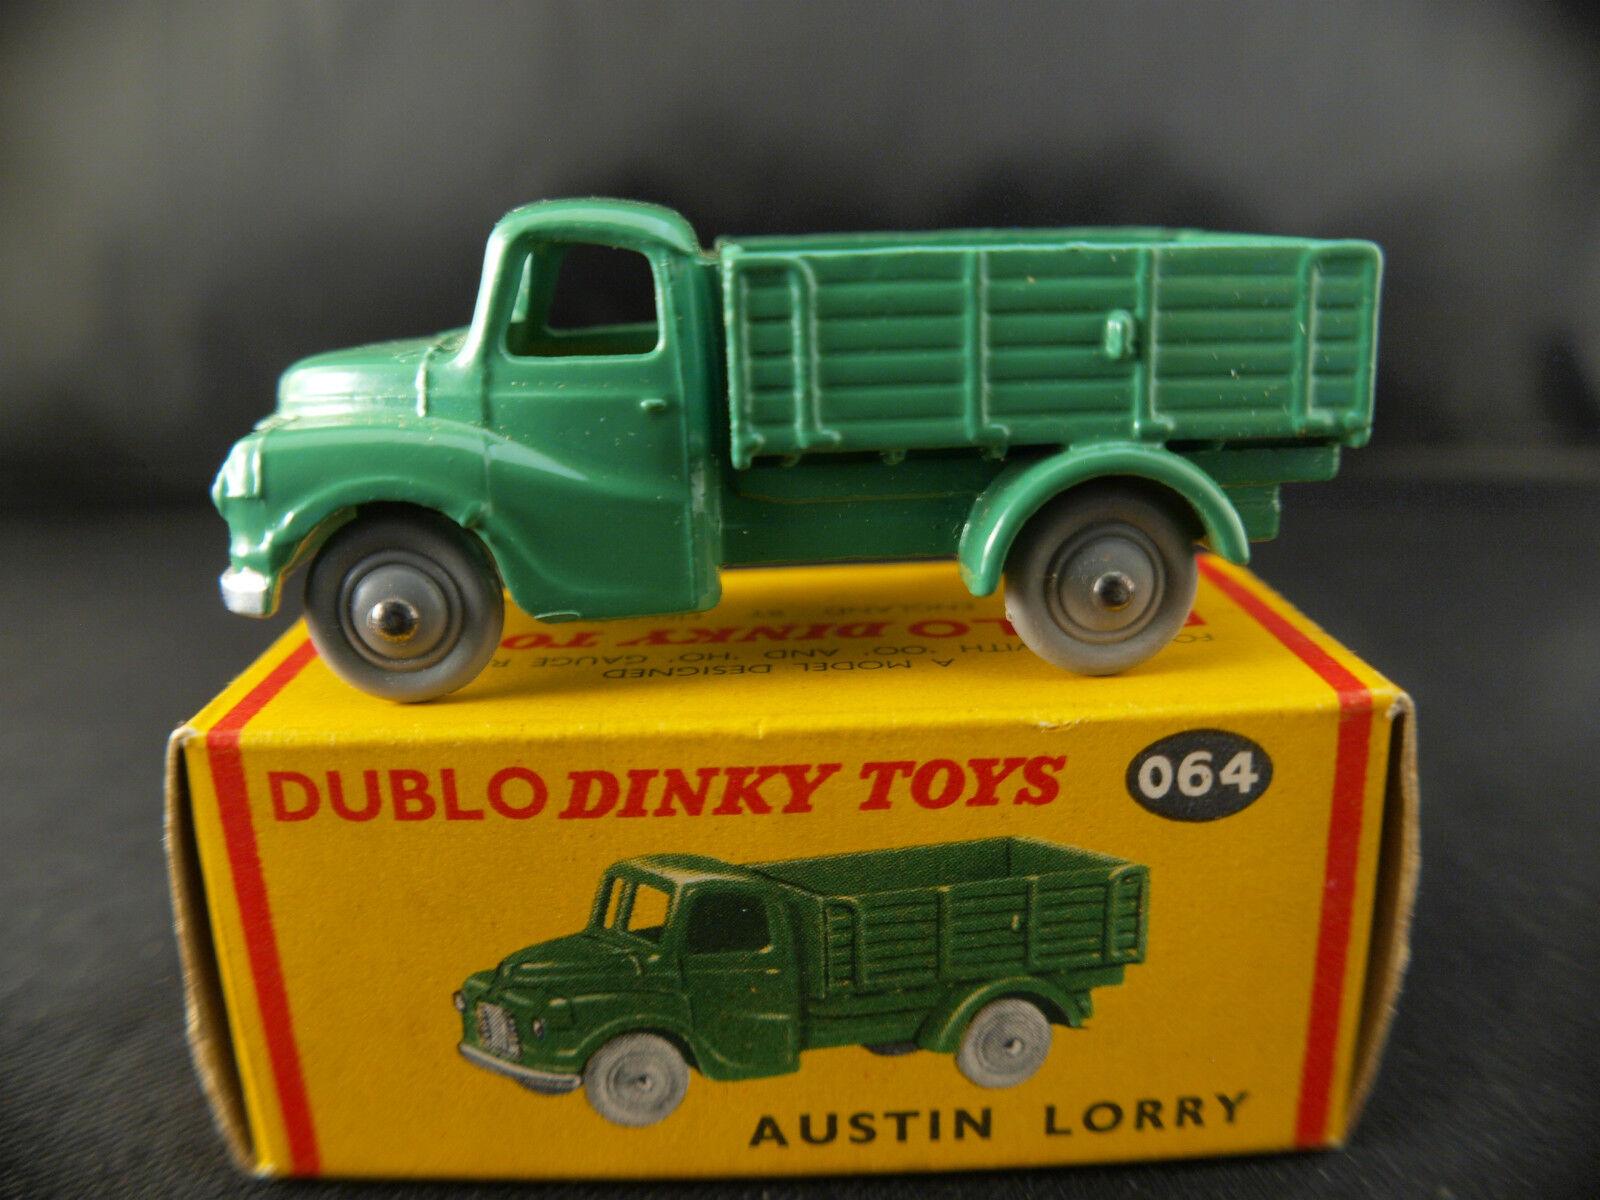 Dinky Toys Dublo GB n° 064 Austin Lorry truck camion benne neuf en boîte MIB | Approvisionnement Suffisant Et Une Livraison Rapide